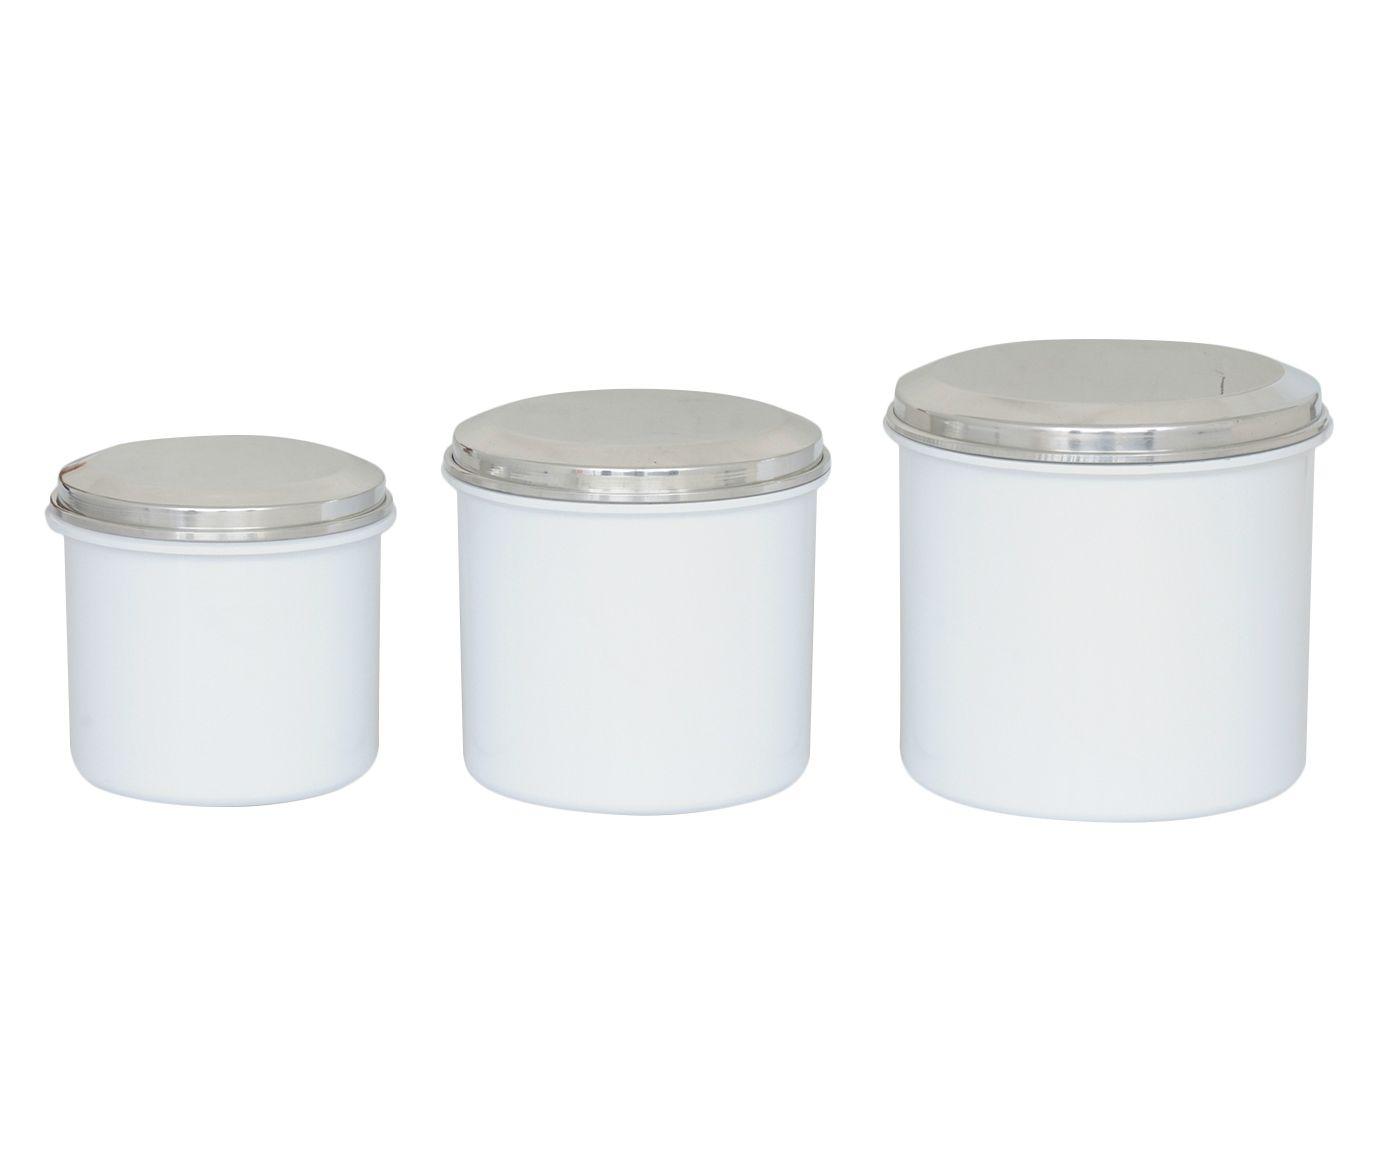 Jogo de Potes Multiúso Slim Branco - 03 Peças | Westwing.com.br